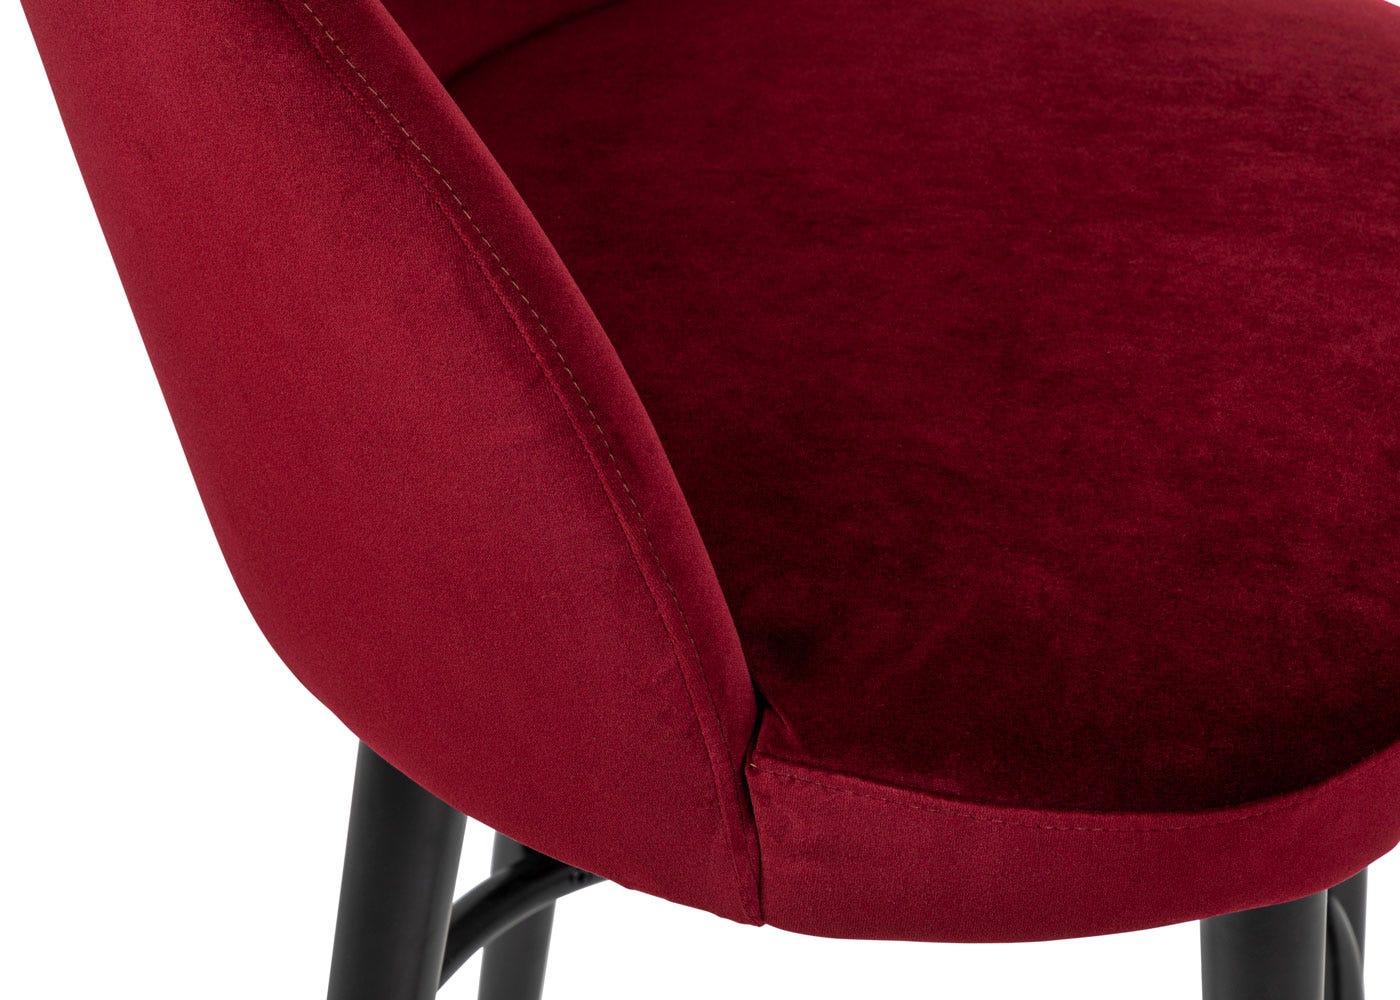 As shown: plush velvet burgundy seat.